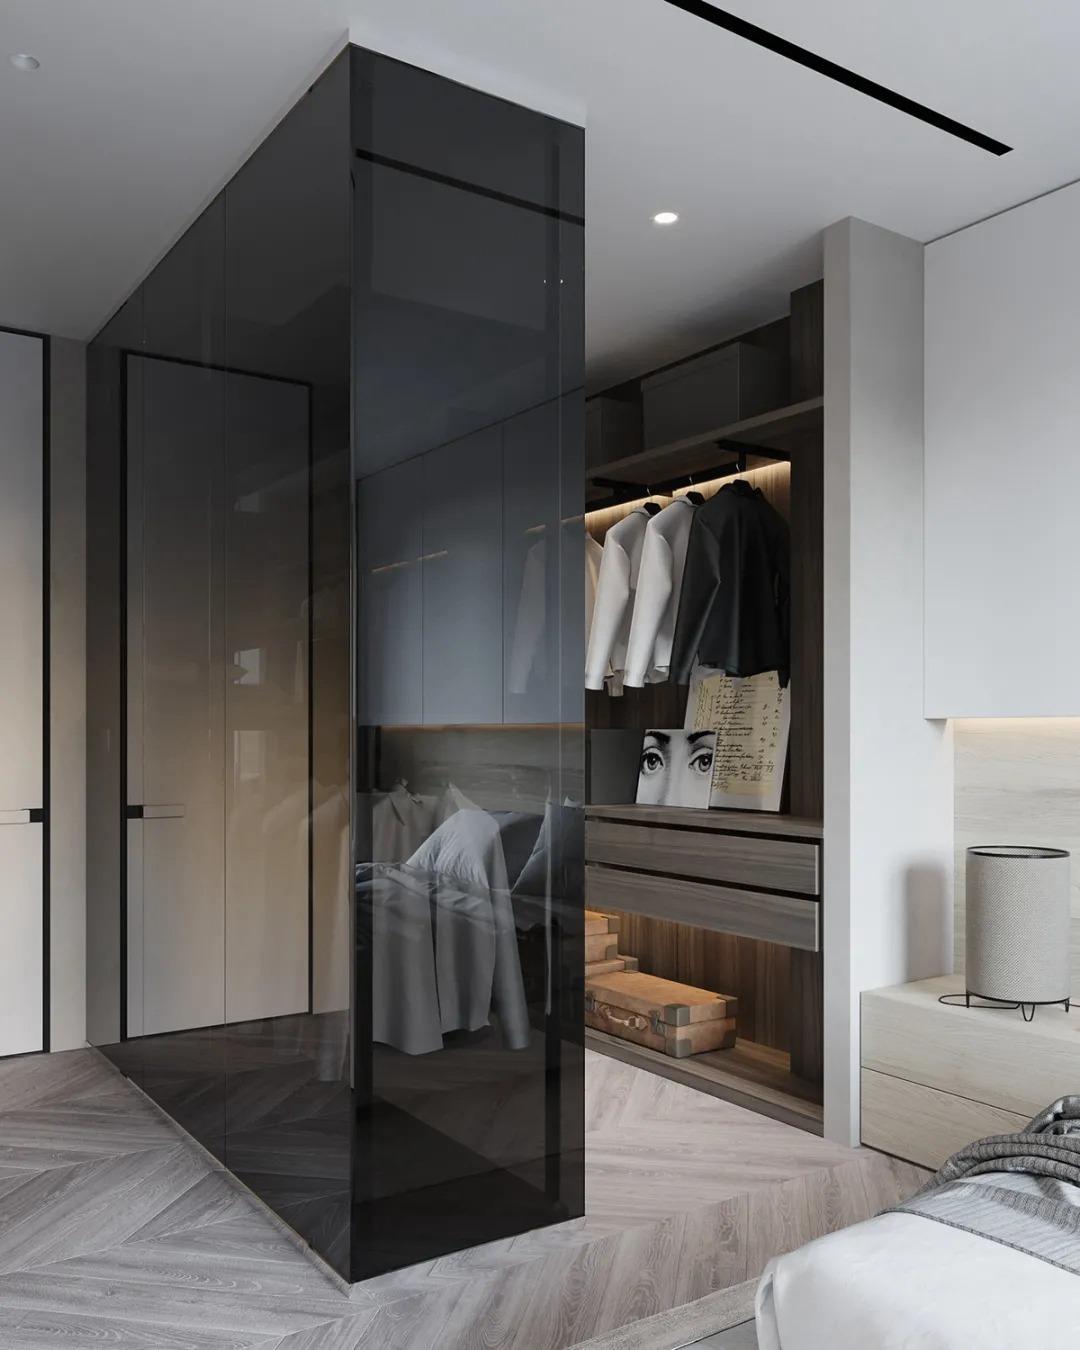 别瞎买衣柜了,2021年卧室流行这样装,赞爆了!